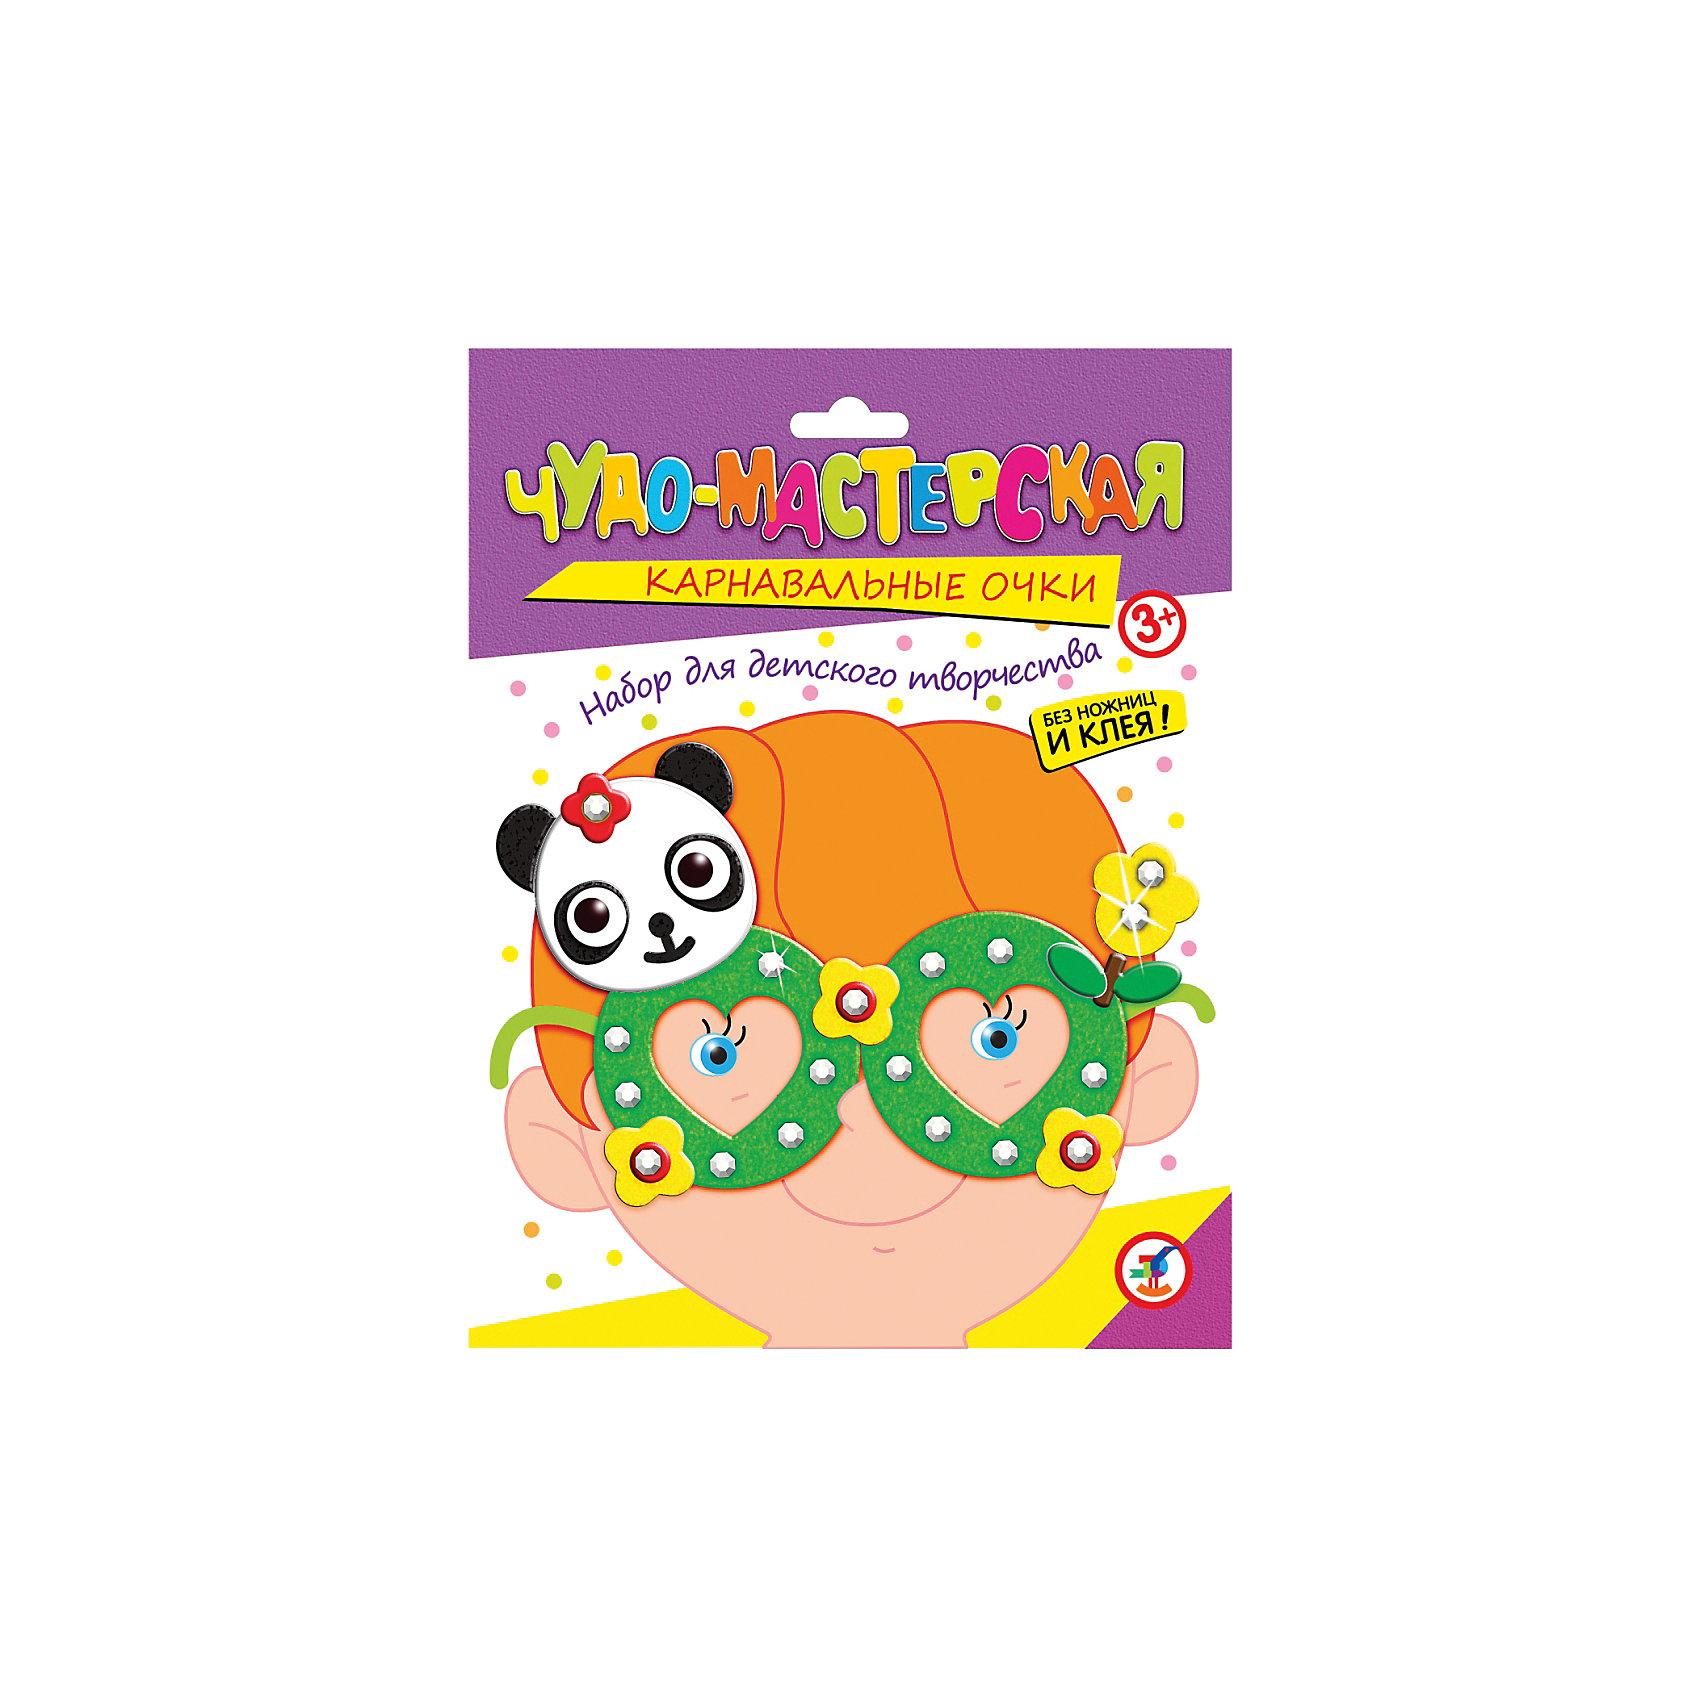 Праздничные очки ПандаУвлекательный набор для творчества Панда не только развлечет ребенка но и поможет изготовить своими руками яркий аксессуар для праздника или карнавала. В наборе Вы найдете все необходимое: пластиковые очки, детали из мягкого пластика ЭВА и стразы для украшения.<br>Ножницы и клей не требуются. Нанесите на оправу очков двустороннюю клейкую ленту, а затем найдите самую крупную деталь из мягкого пластика в форме очков и приклейте ее к оправе. Украсьте очки различными самоклеющимися деталями и стразами согласно образцу или по своему усмотрению. Забавные очки с фигуркой панды создадут праздничное настроение и позволят легко перевоплотиться в персонажа веселого карнавала.<br><br>Дополнительная информация:<br><br>- В комплекте: пластмассовые очки, детали из мягкого пластика ЭВА, стразы, двусторонняя клейка лента.<br>- Материал: пластмасса, мягкий пластик ЭВА, картон.<br>- Размер упаковки: 20 x 15 x 1,5 см.<br>- Вес: 28 гр.<br><br>Праздничные очки Панда, Дрофа Медиа, можно купить в нашем интернет-магазине.<br><br>Ширина мм: 155<br>Глубина мм: 200<br>Высота мм: 15<br>Вес г: 85<br>Возраст от месяцев: 36<br>Возраст до месяцев: 2147483647<br>Пол: Унисекс<br>Возраст: Детский<br>SKU: 4561868